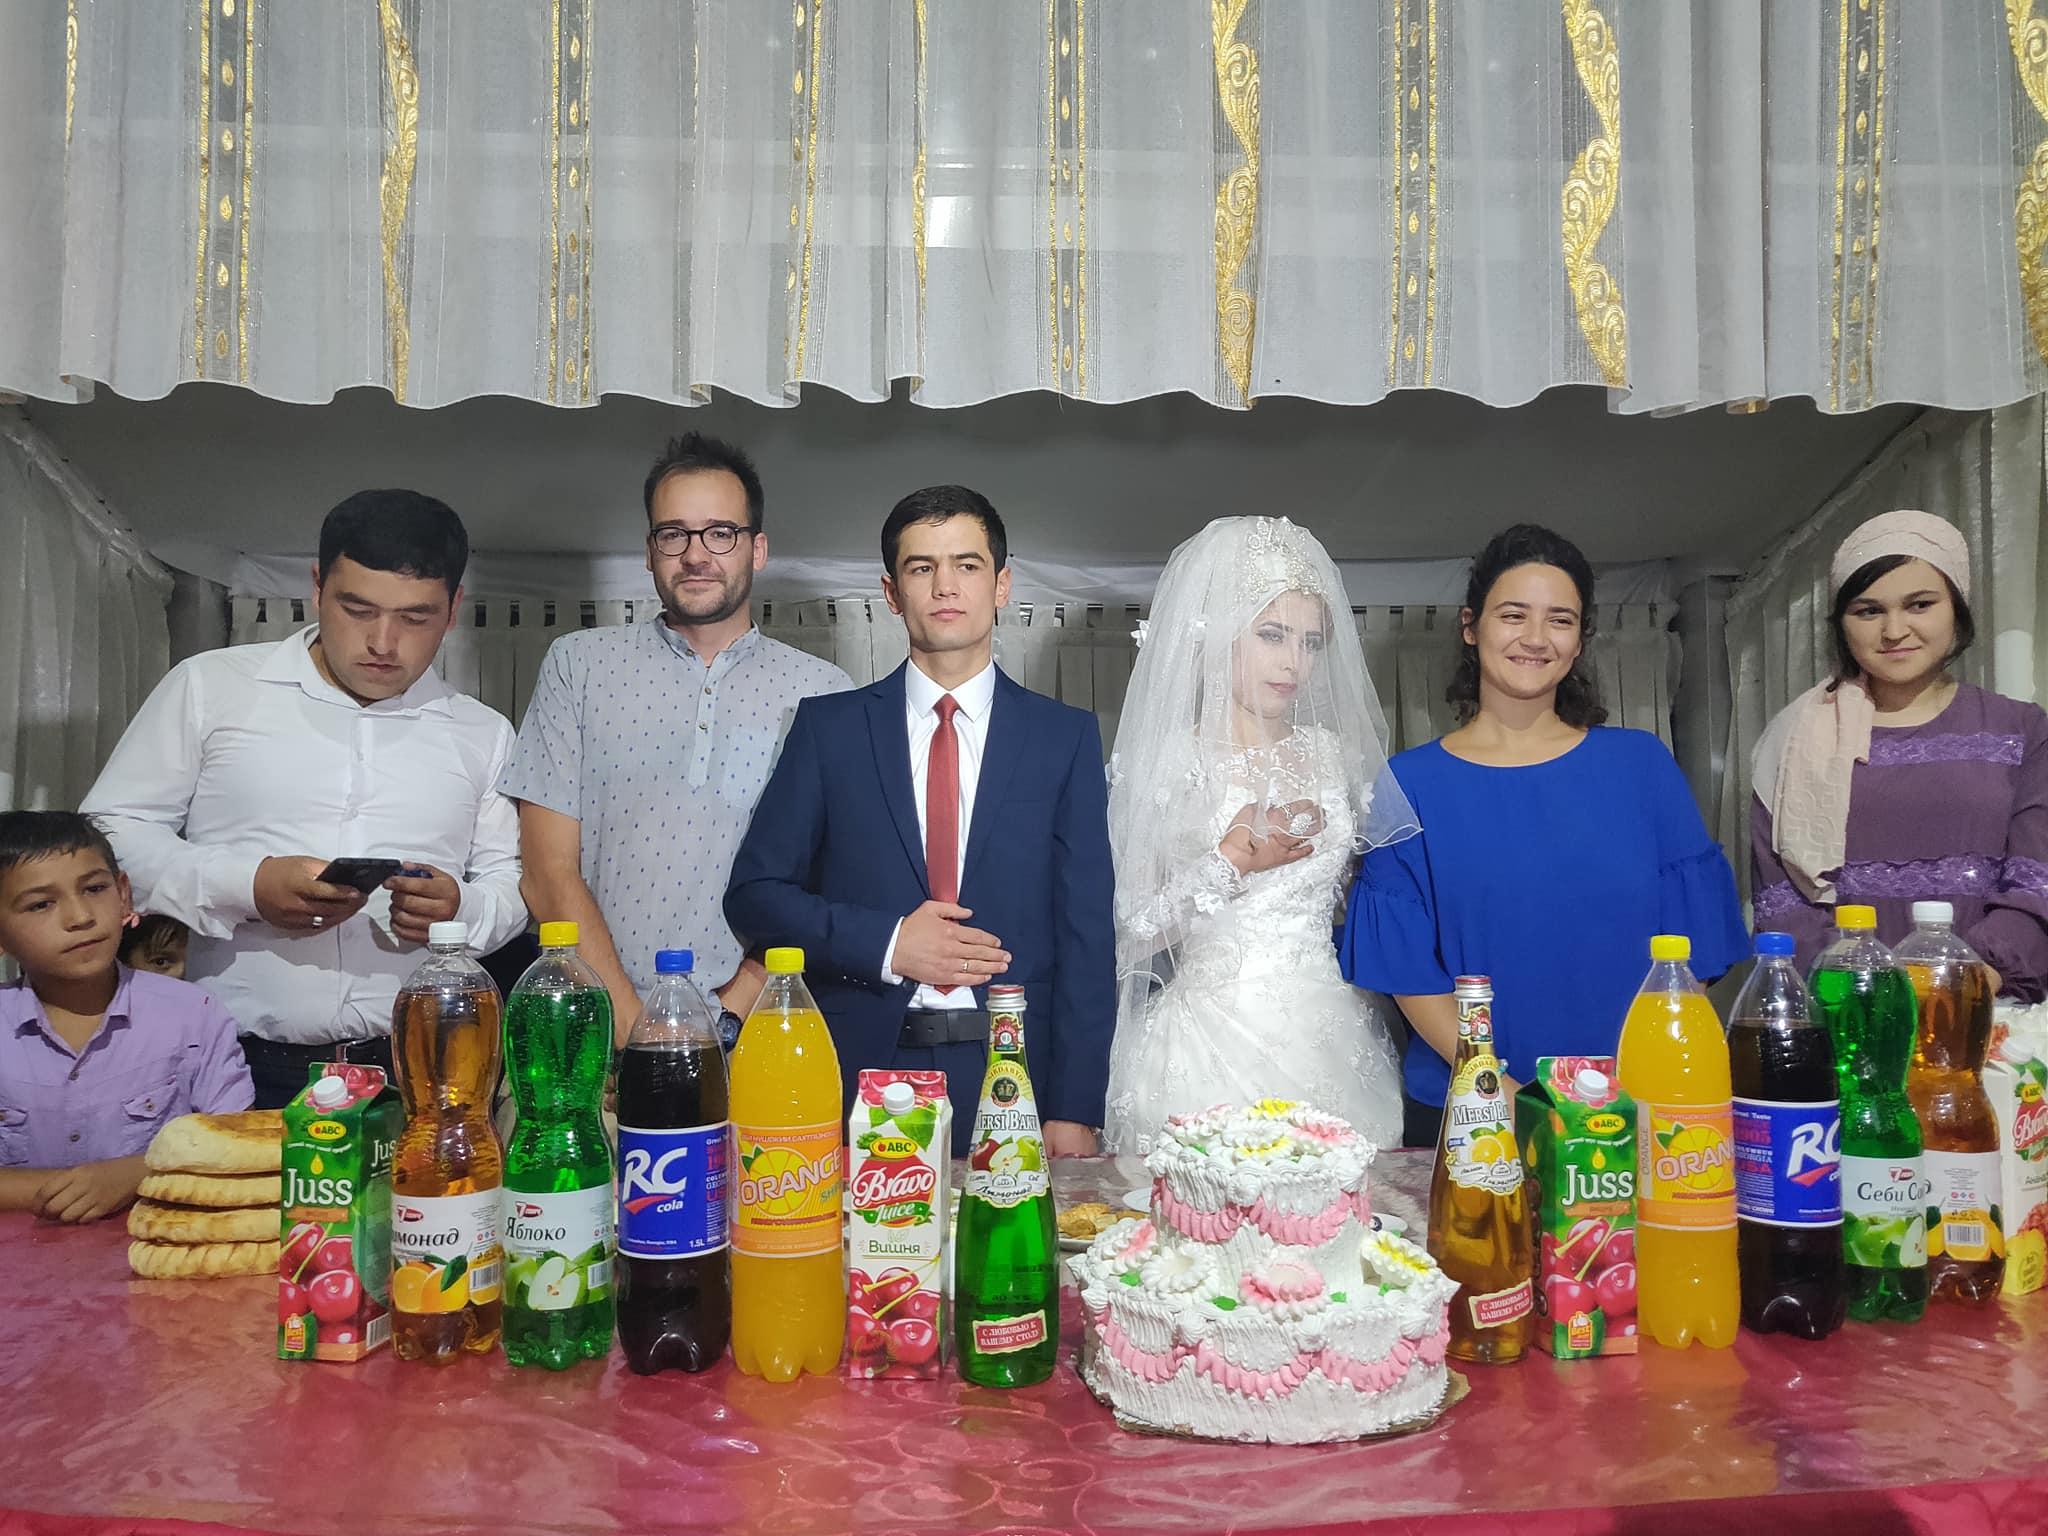 Foto di rito con sposi e testimoni a Istvarashan